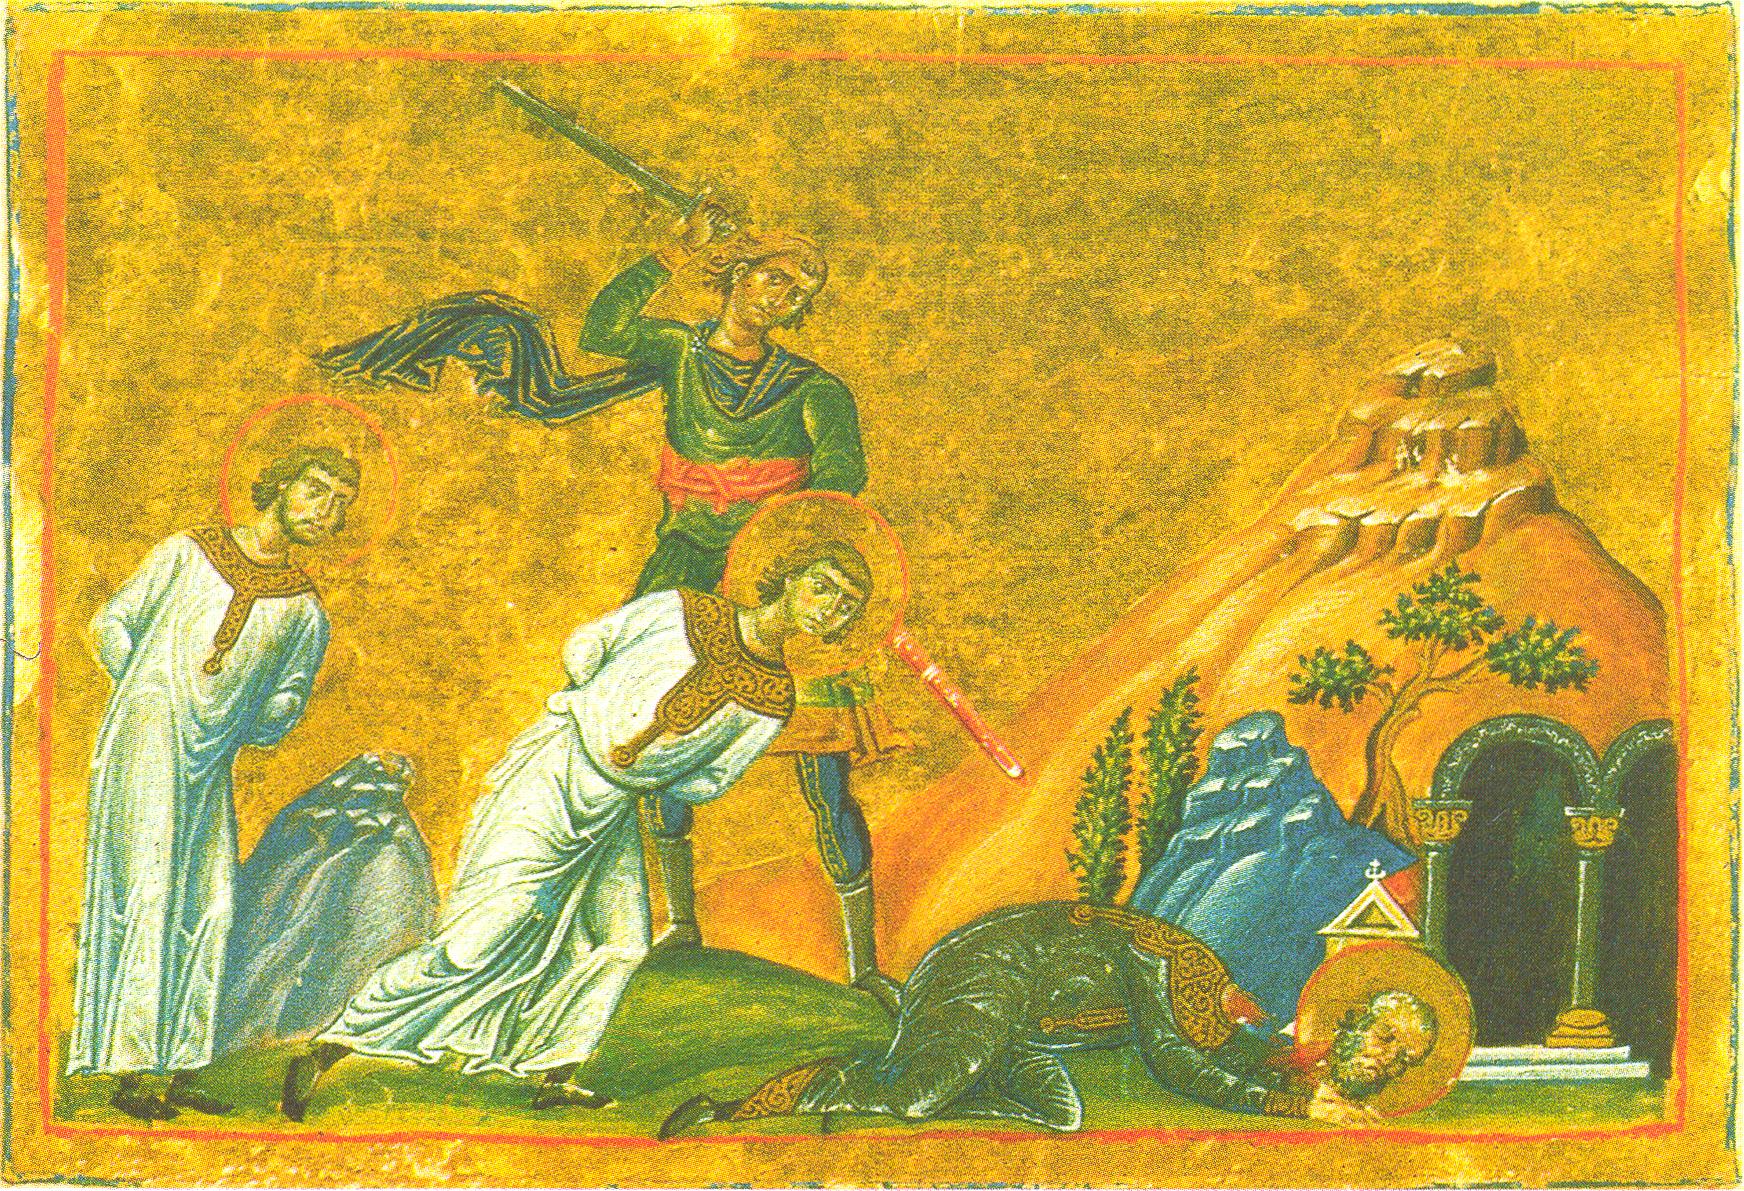 Οι άγιοι Πρόβος, Τάραχος και Ανδρόνικος. Από το Μηνολόγιον του αυτοκράτορα Βασιλείου Β' (11ος αι.).